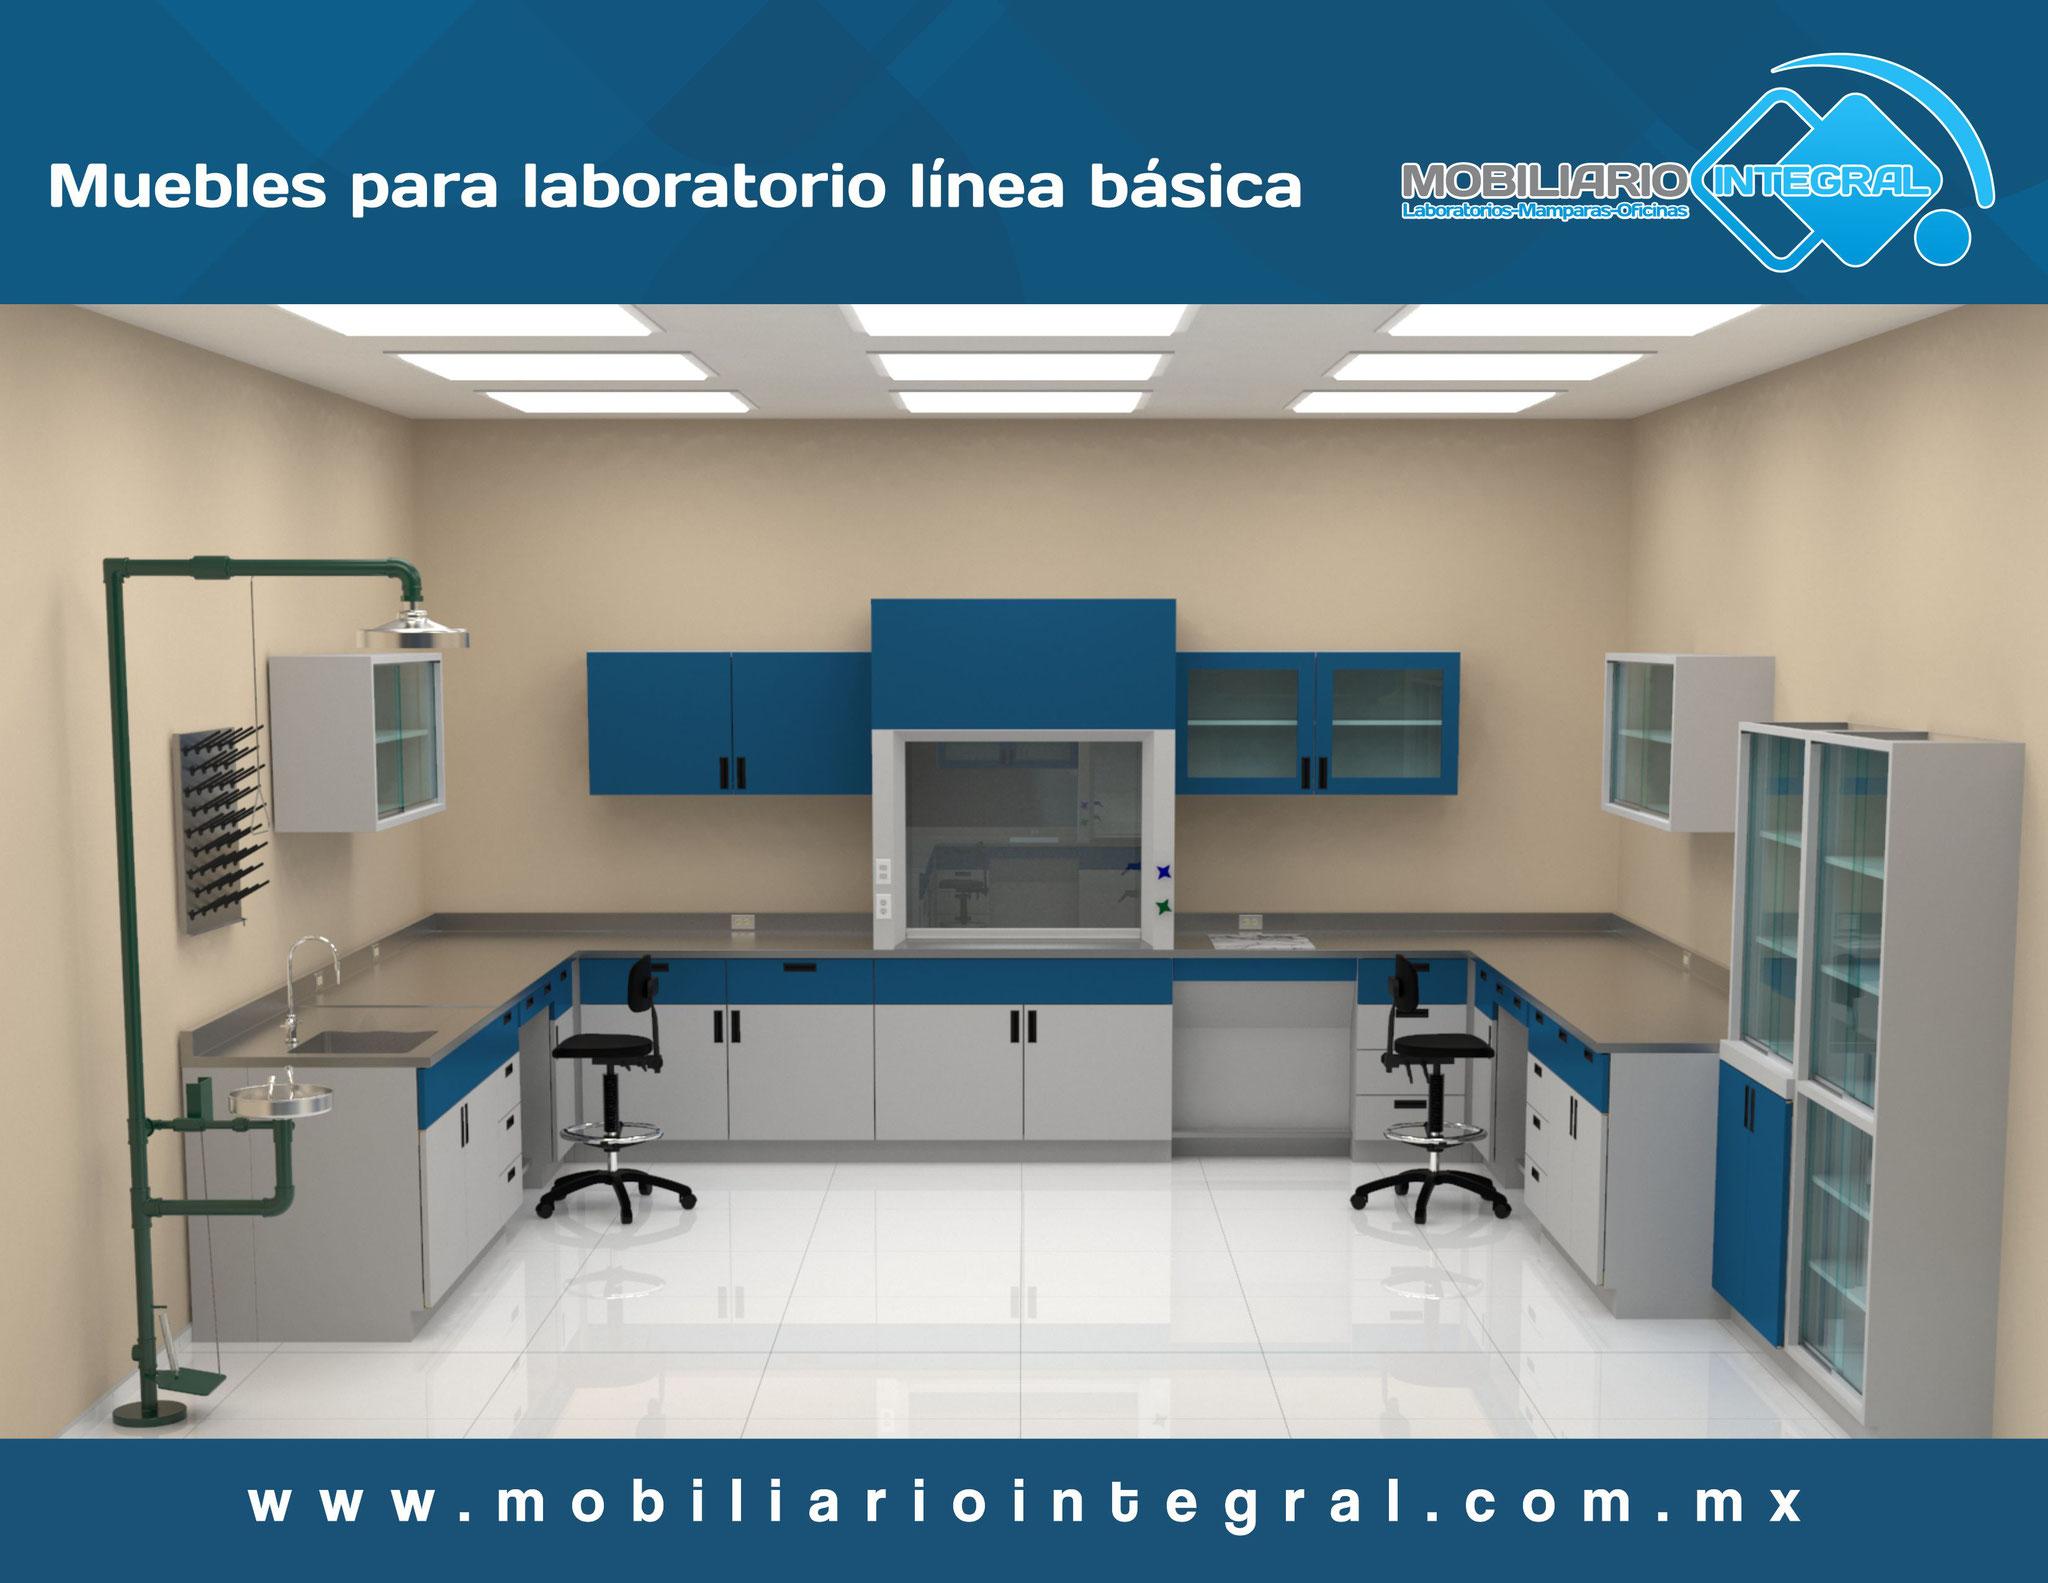 Muebles para laboratorio en Soledad de Graciano Sánchez